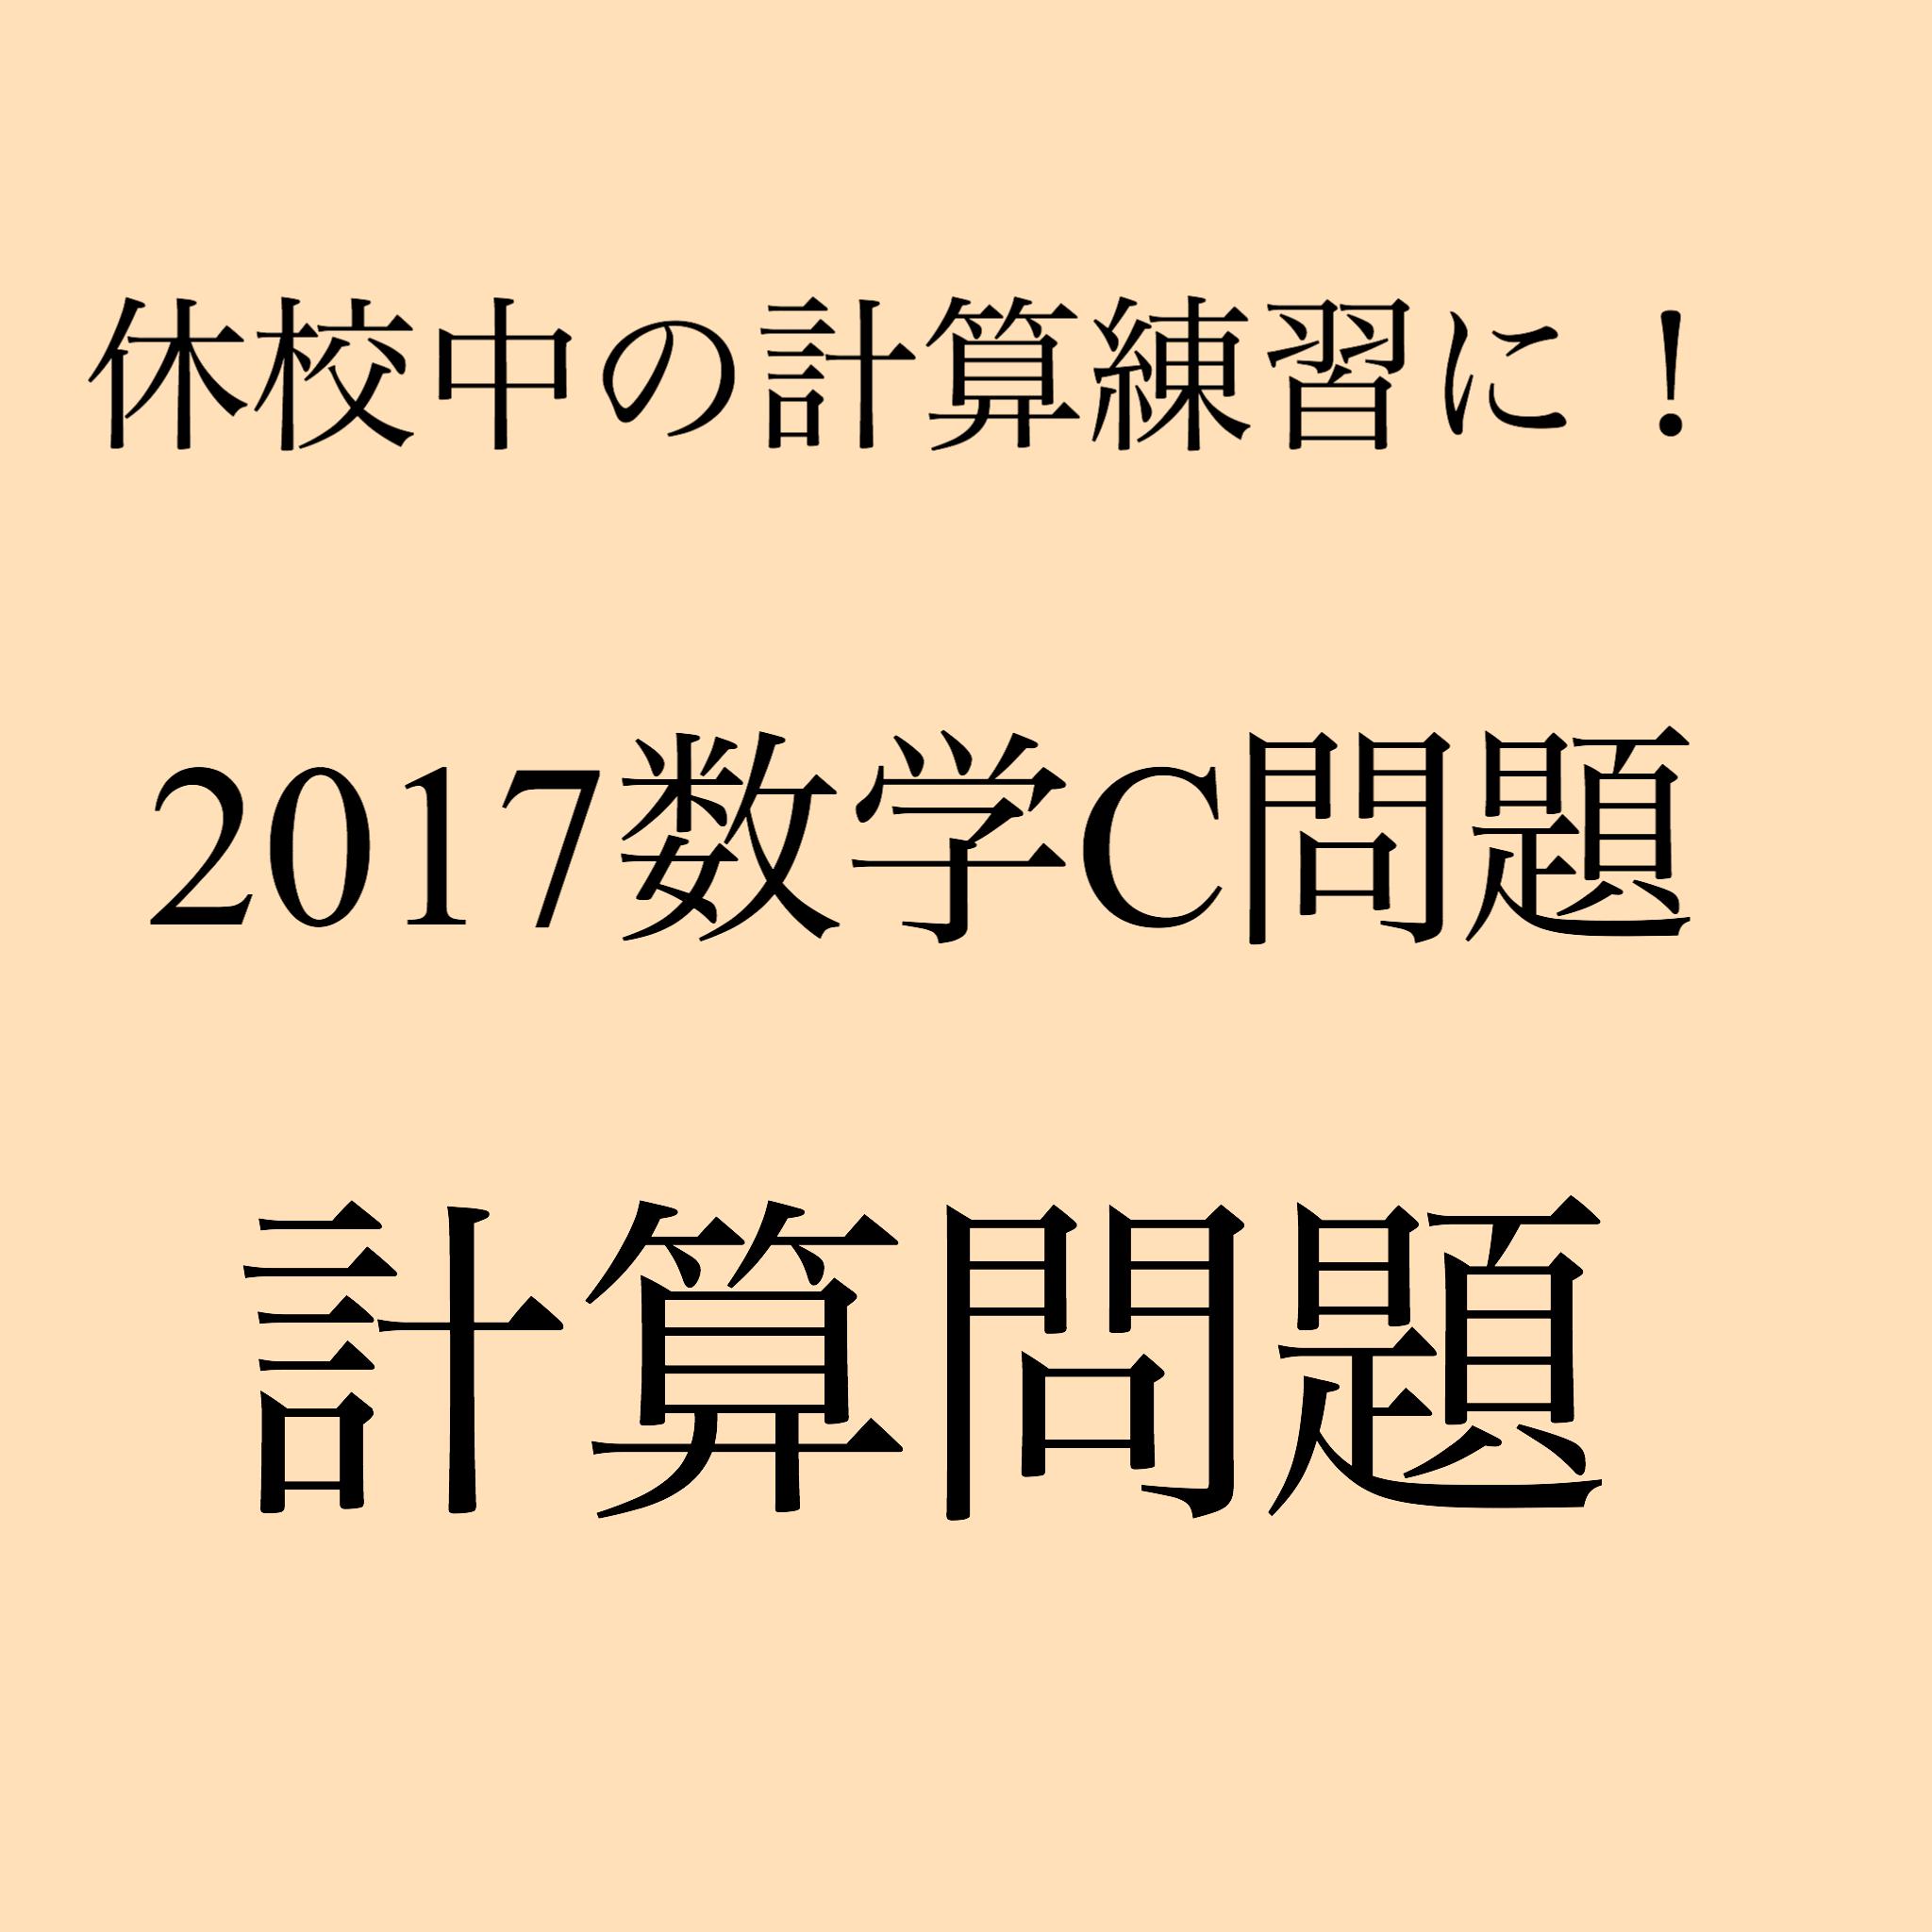 【入試計算問題】2017年度大阪府公立高校入試数学C問題